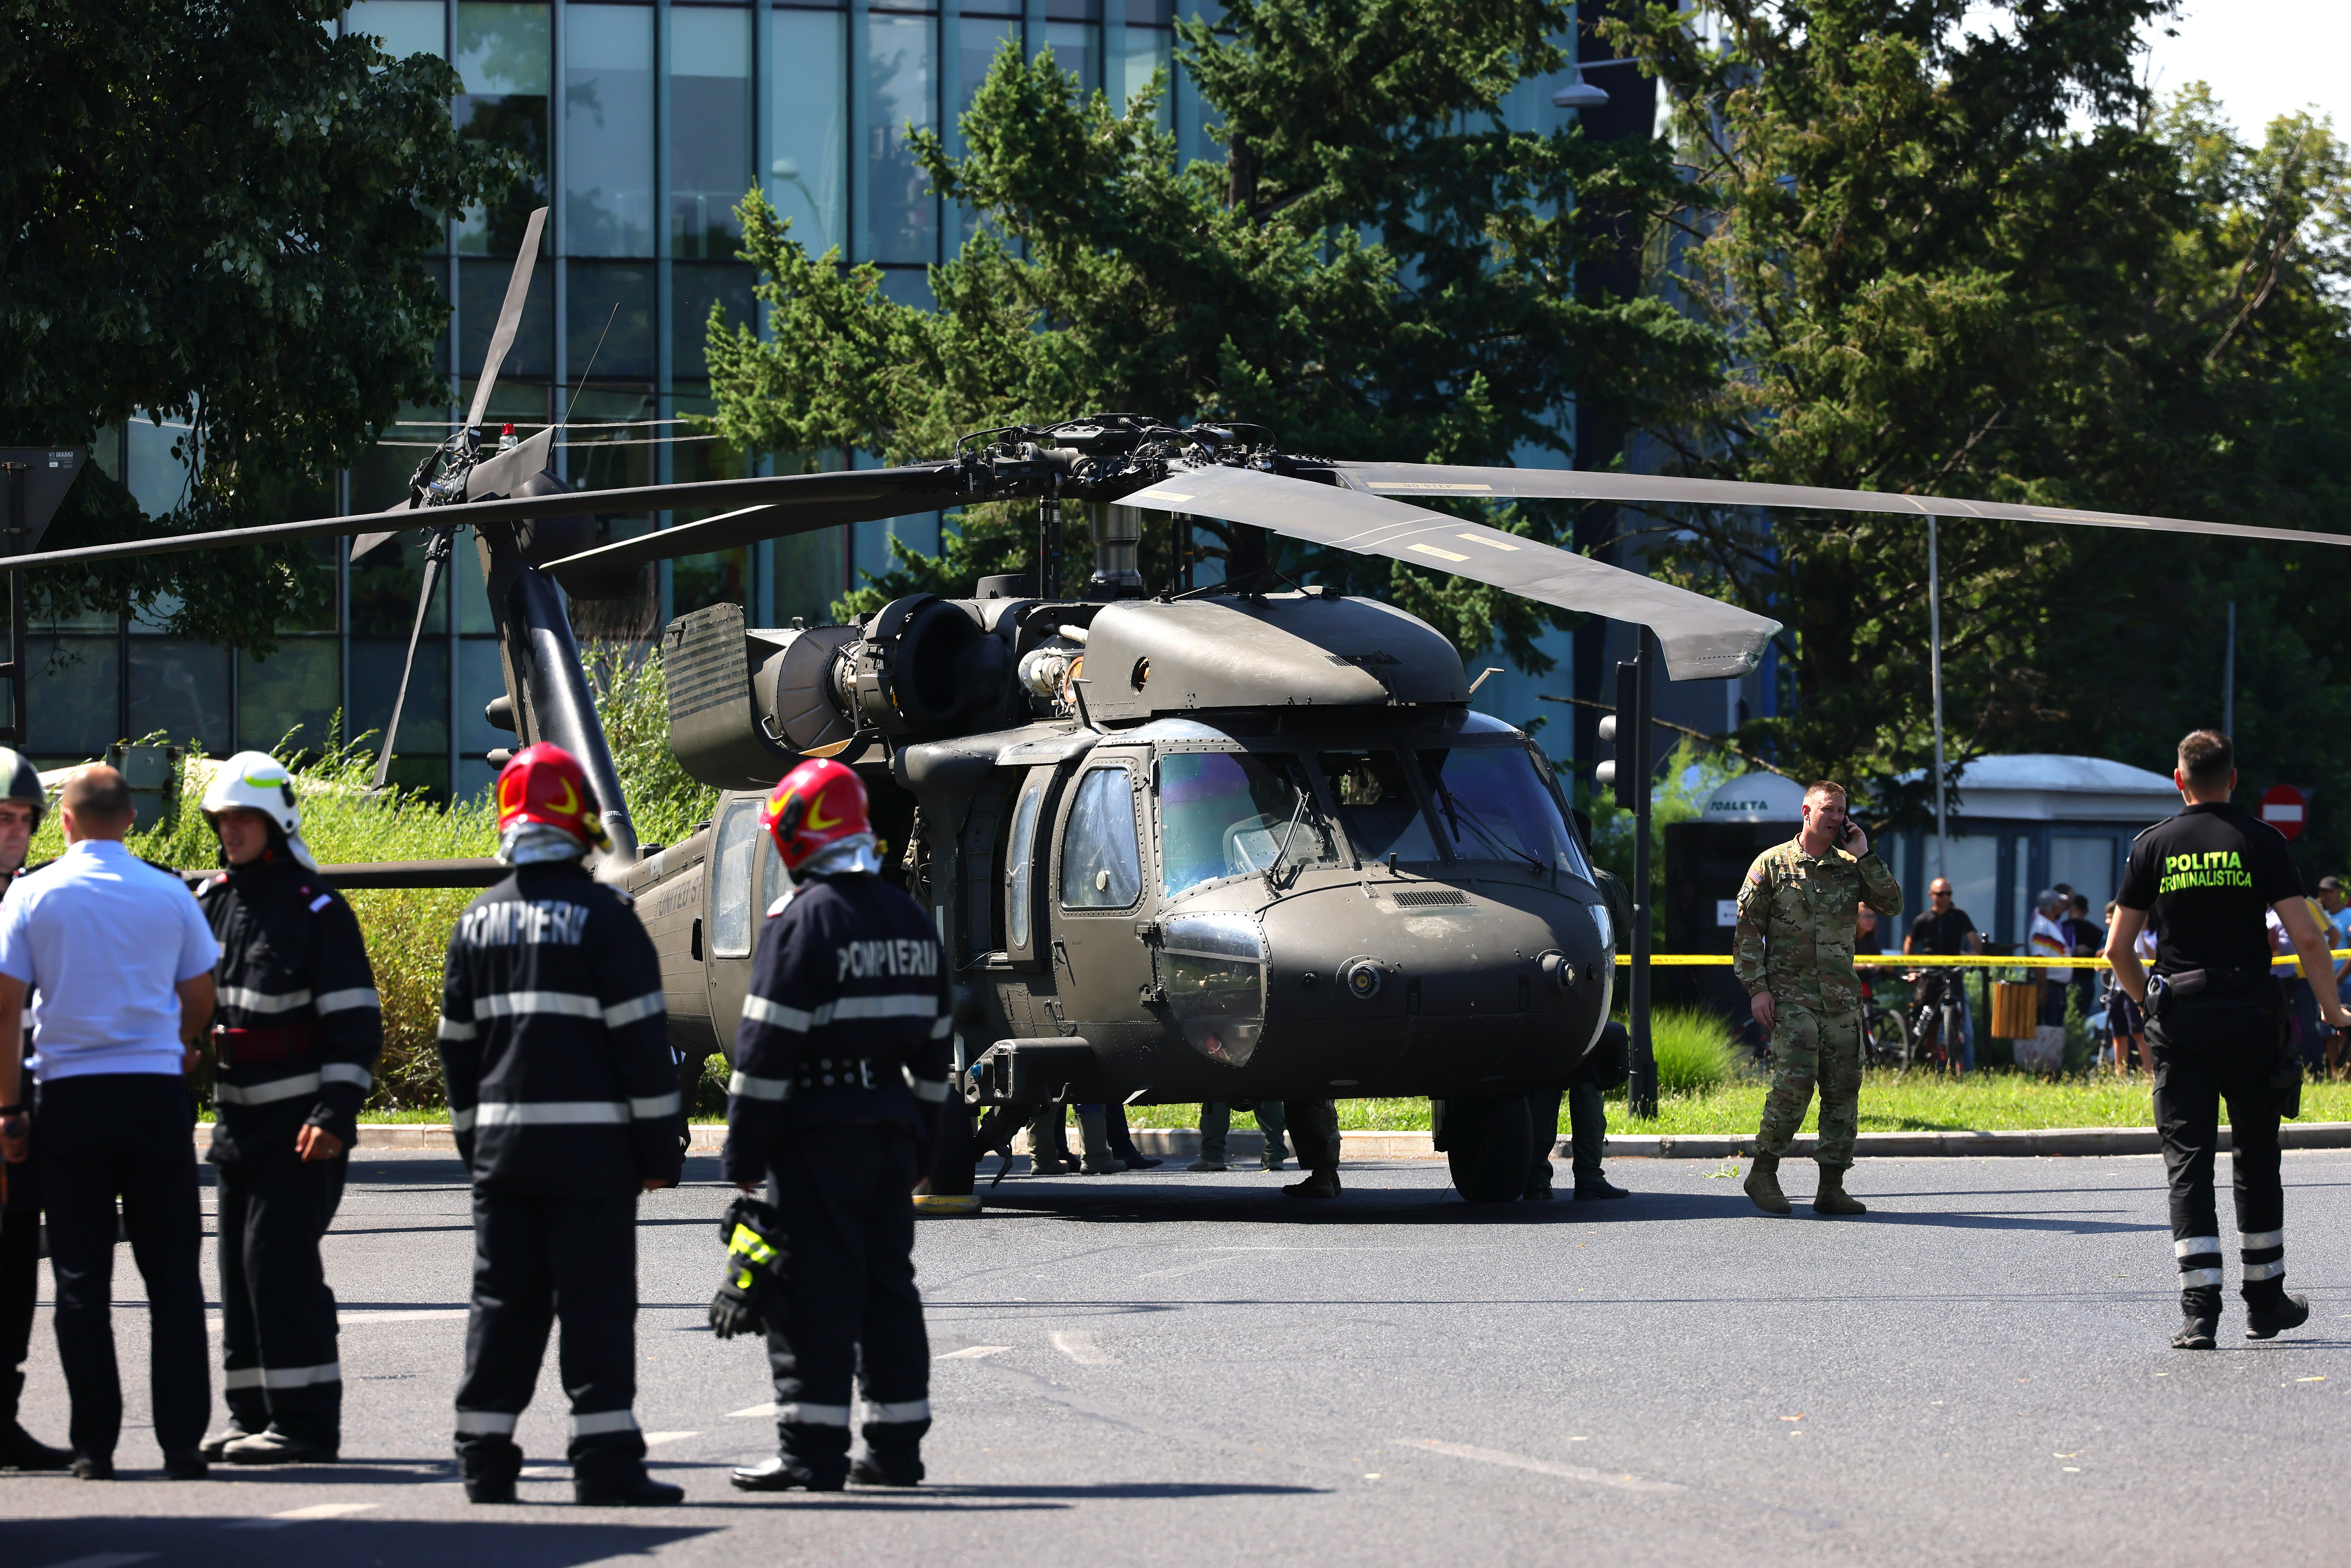 Cauzaaterizării elicopterului Black Hawk în Piaţa Charles de Gaulle